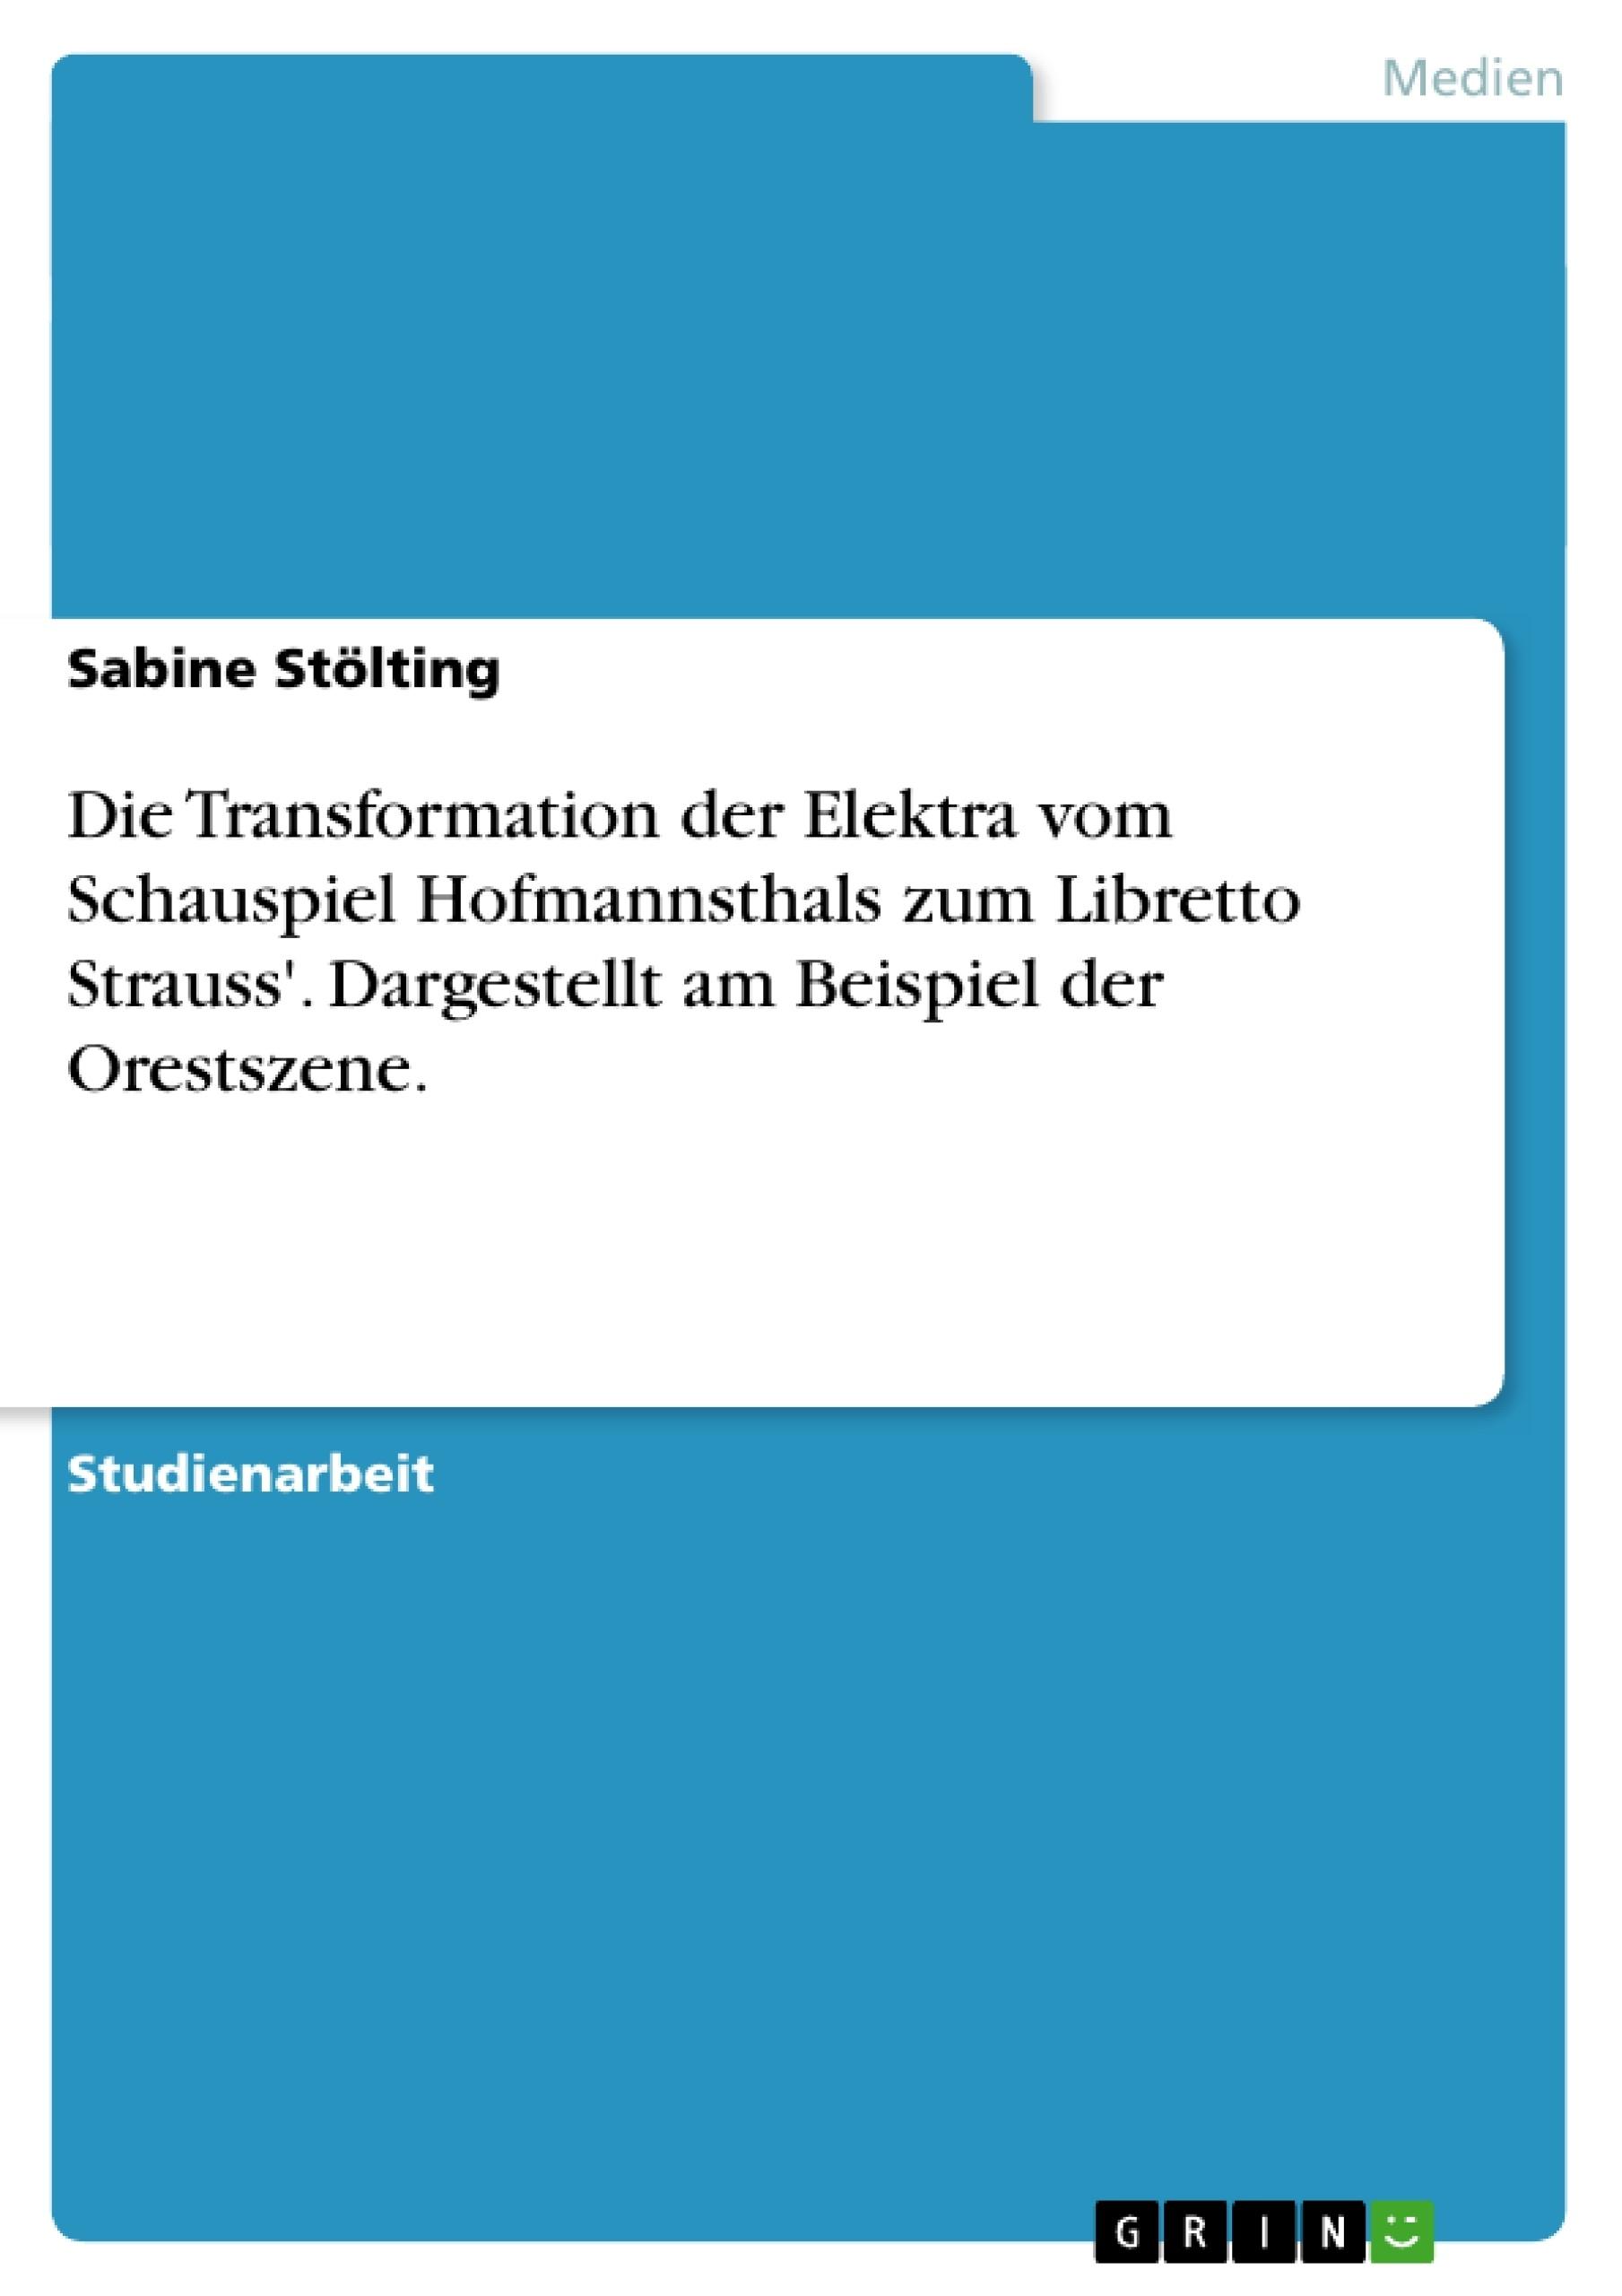 Titel: Die Transformation der Elektra vom Schauspiel Hofmannsthals zum Libretto Strauss'. Dargestellt am Beispiel der Orestszene.